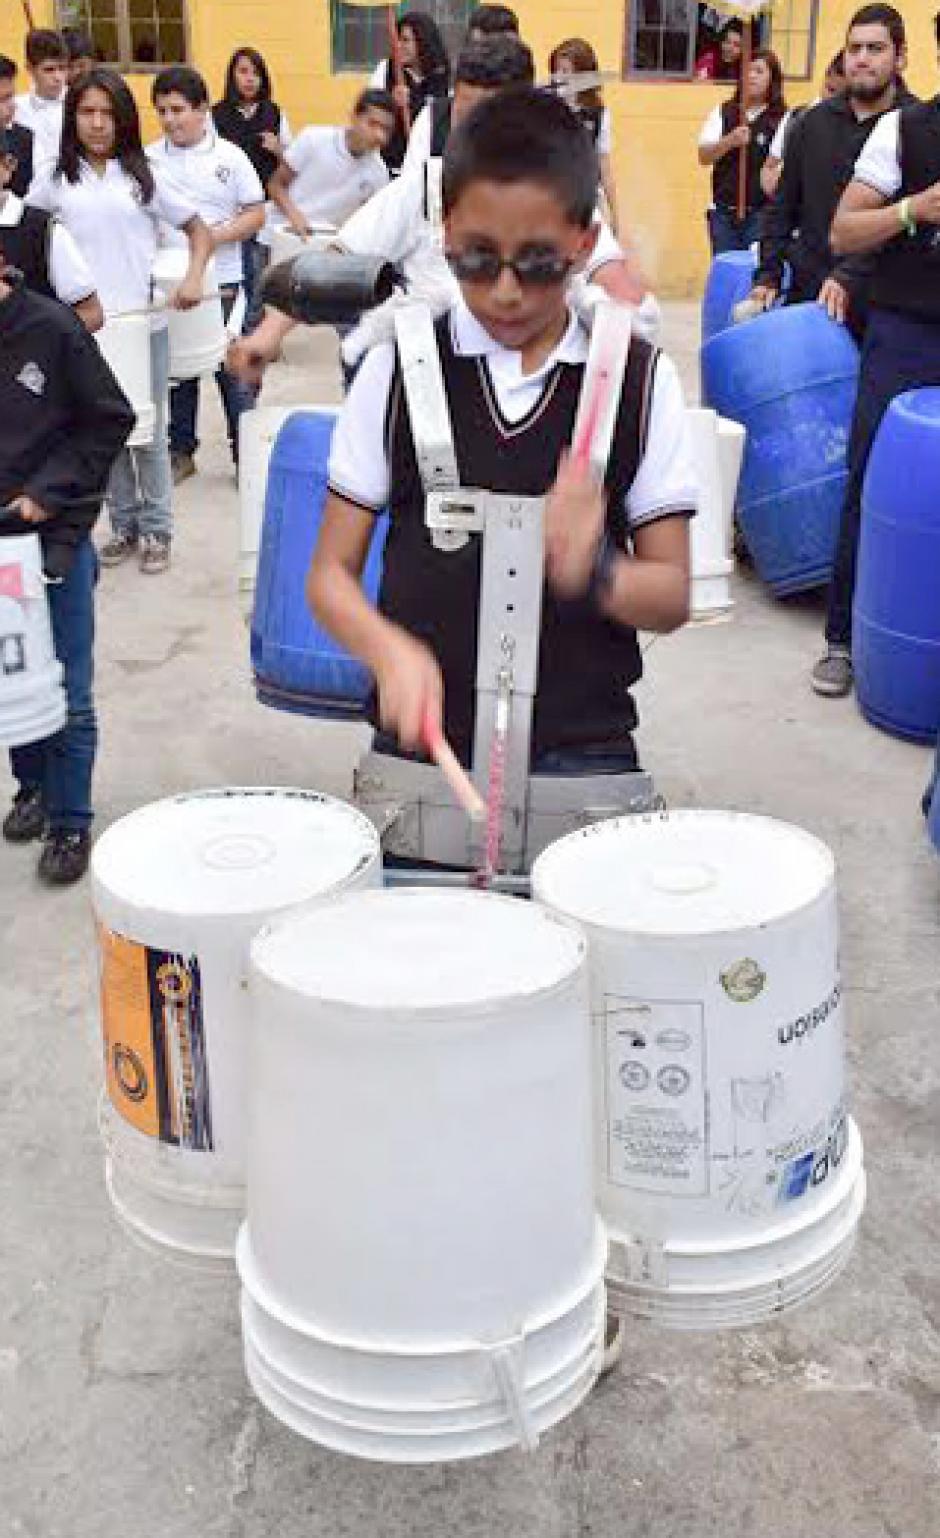 Los botes de pintura de cinco galones son convertidos en extraordinarios redoblantes y timbales, que también son parte de la Latin LataBand. (Foto: Pedro Orozco)